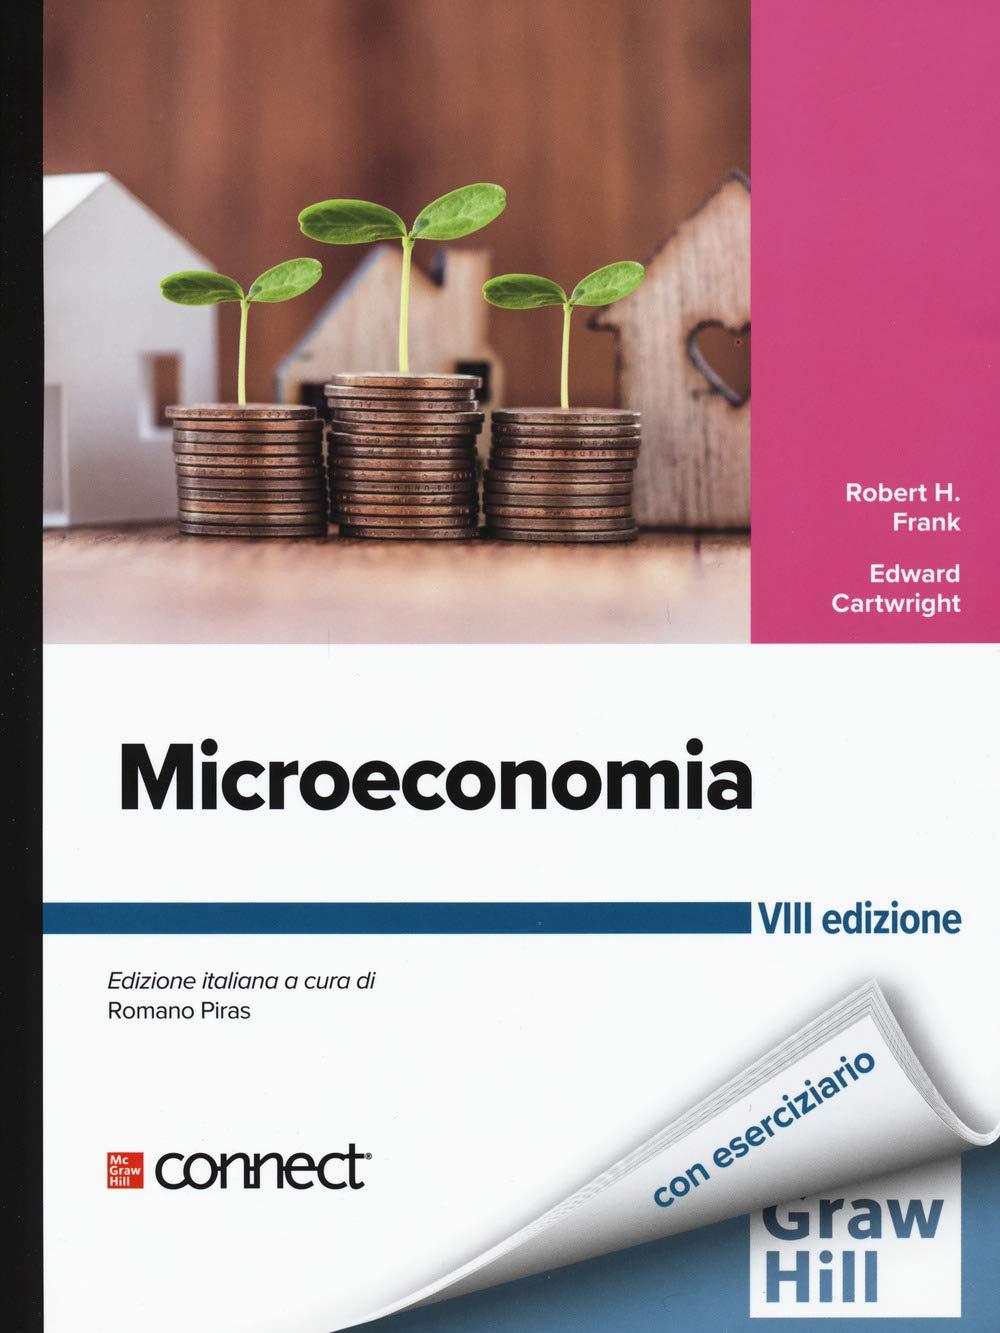 Microeconomia di Frank e Cartwright